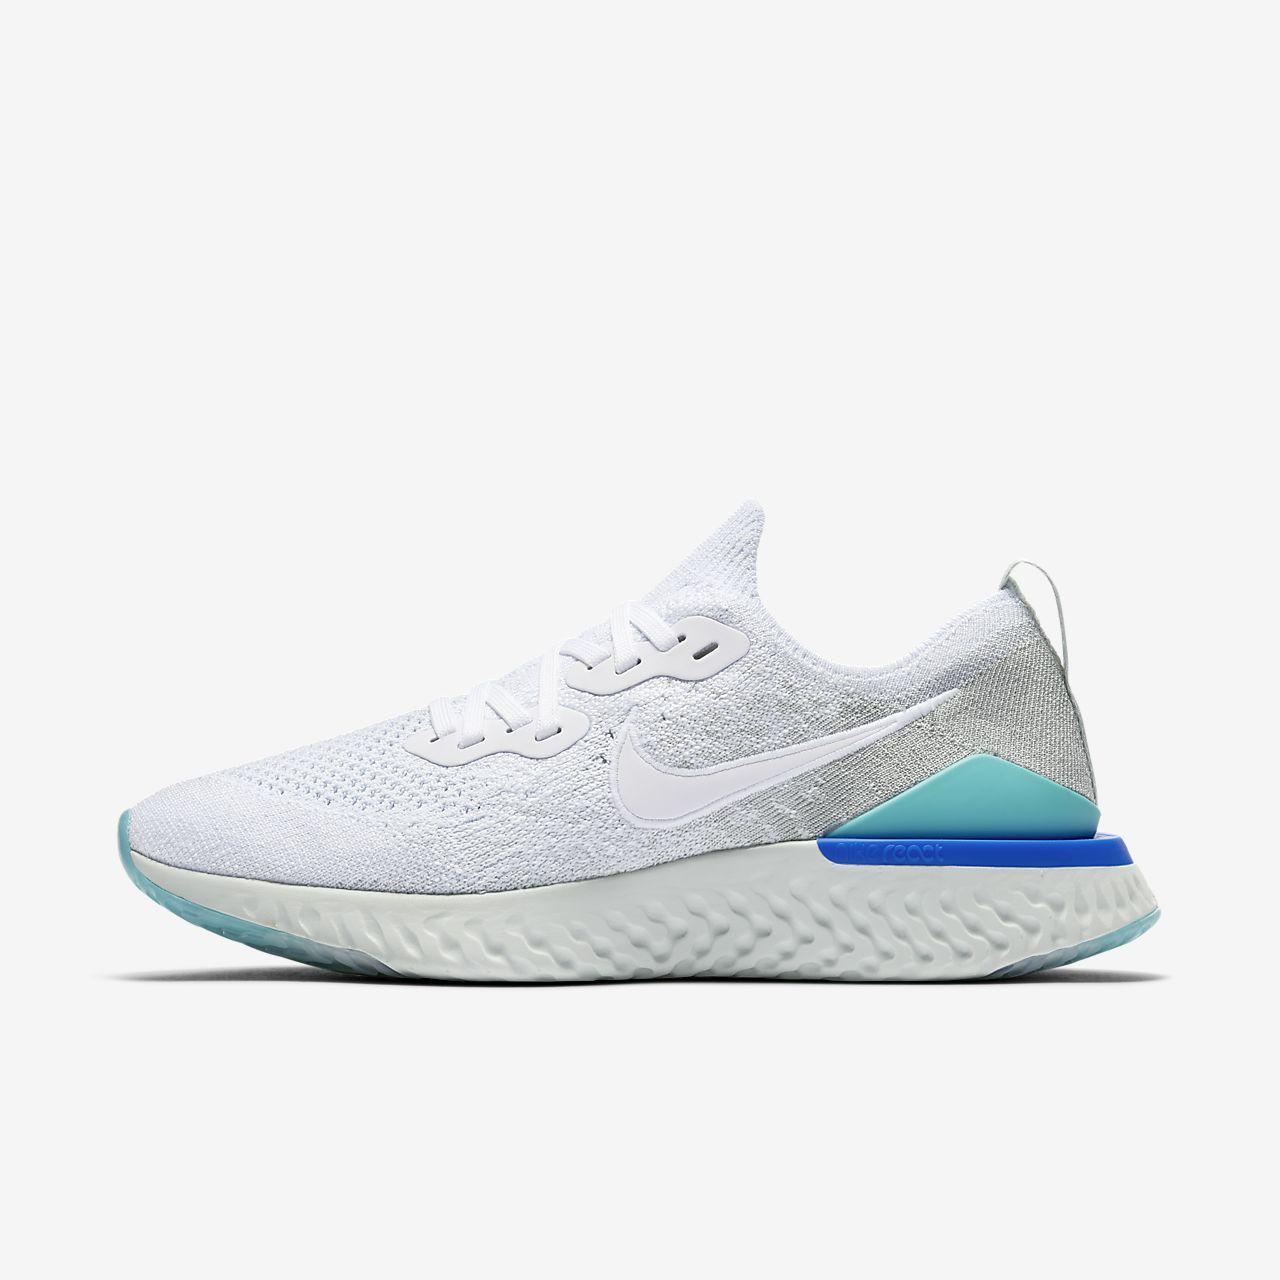 รองเท้าวิ่งผู้หญิง Nike Epic React Flyknit 2